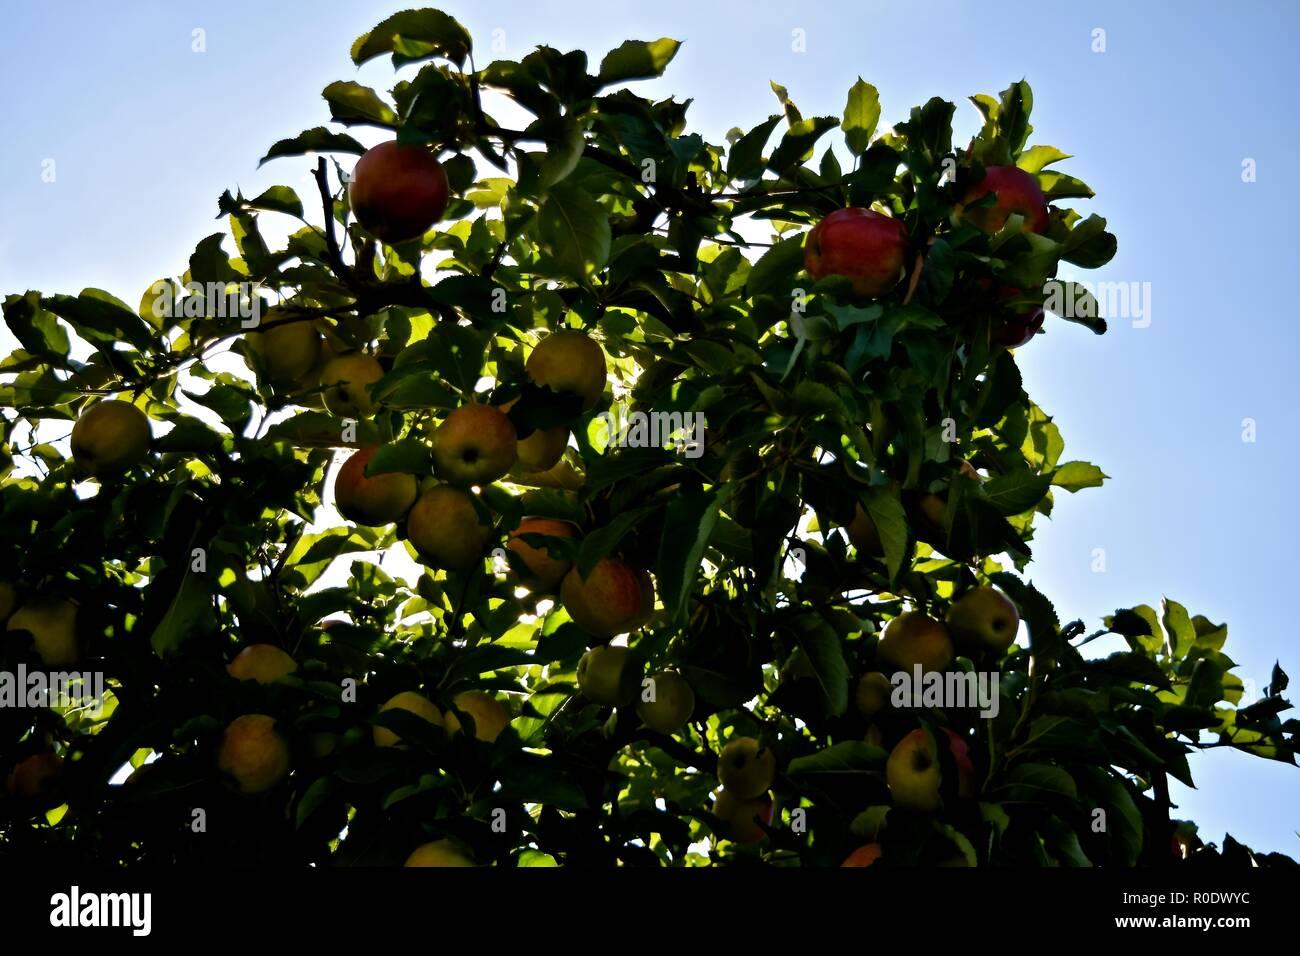 Autumn harvest season for Washington Apples still on the trees. - Stock Image